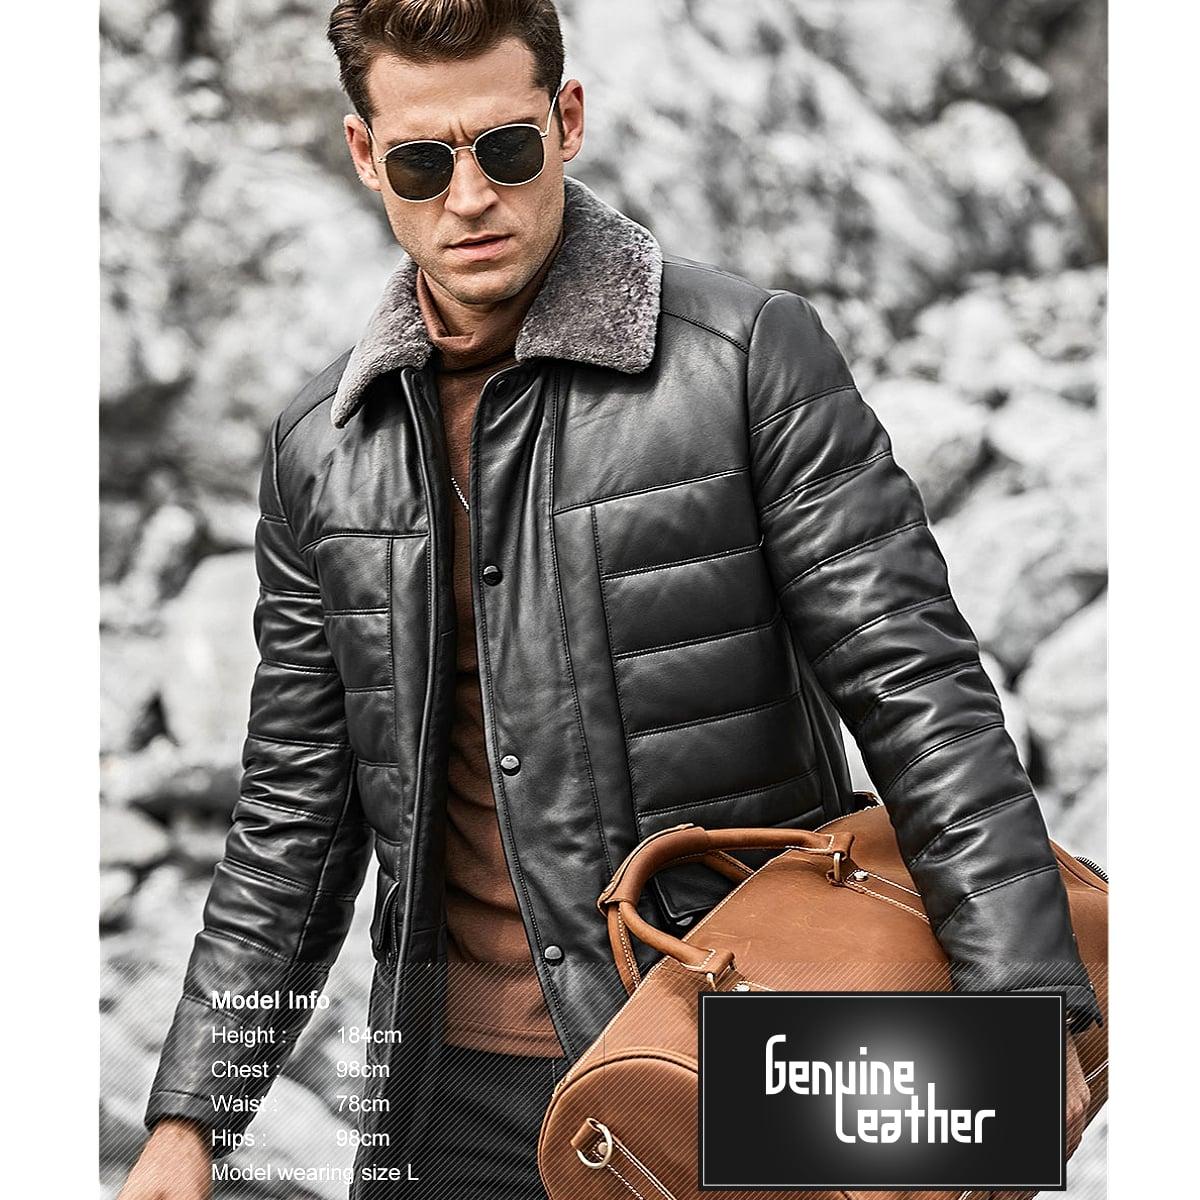 【!】全10サイズ! [Men's Sheep Fur Collar Lambskin Genuine Leather Duck Down Jacket] メンズ シープファーカラー ラムスキン ジェニュインレザー ダックダウンジャケット! 本革 山羊革 ダウンコート 中綿 羽毛 ブラック 黒 アウター バイクに!